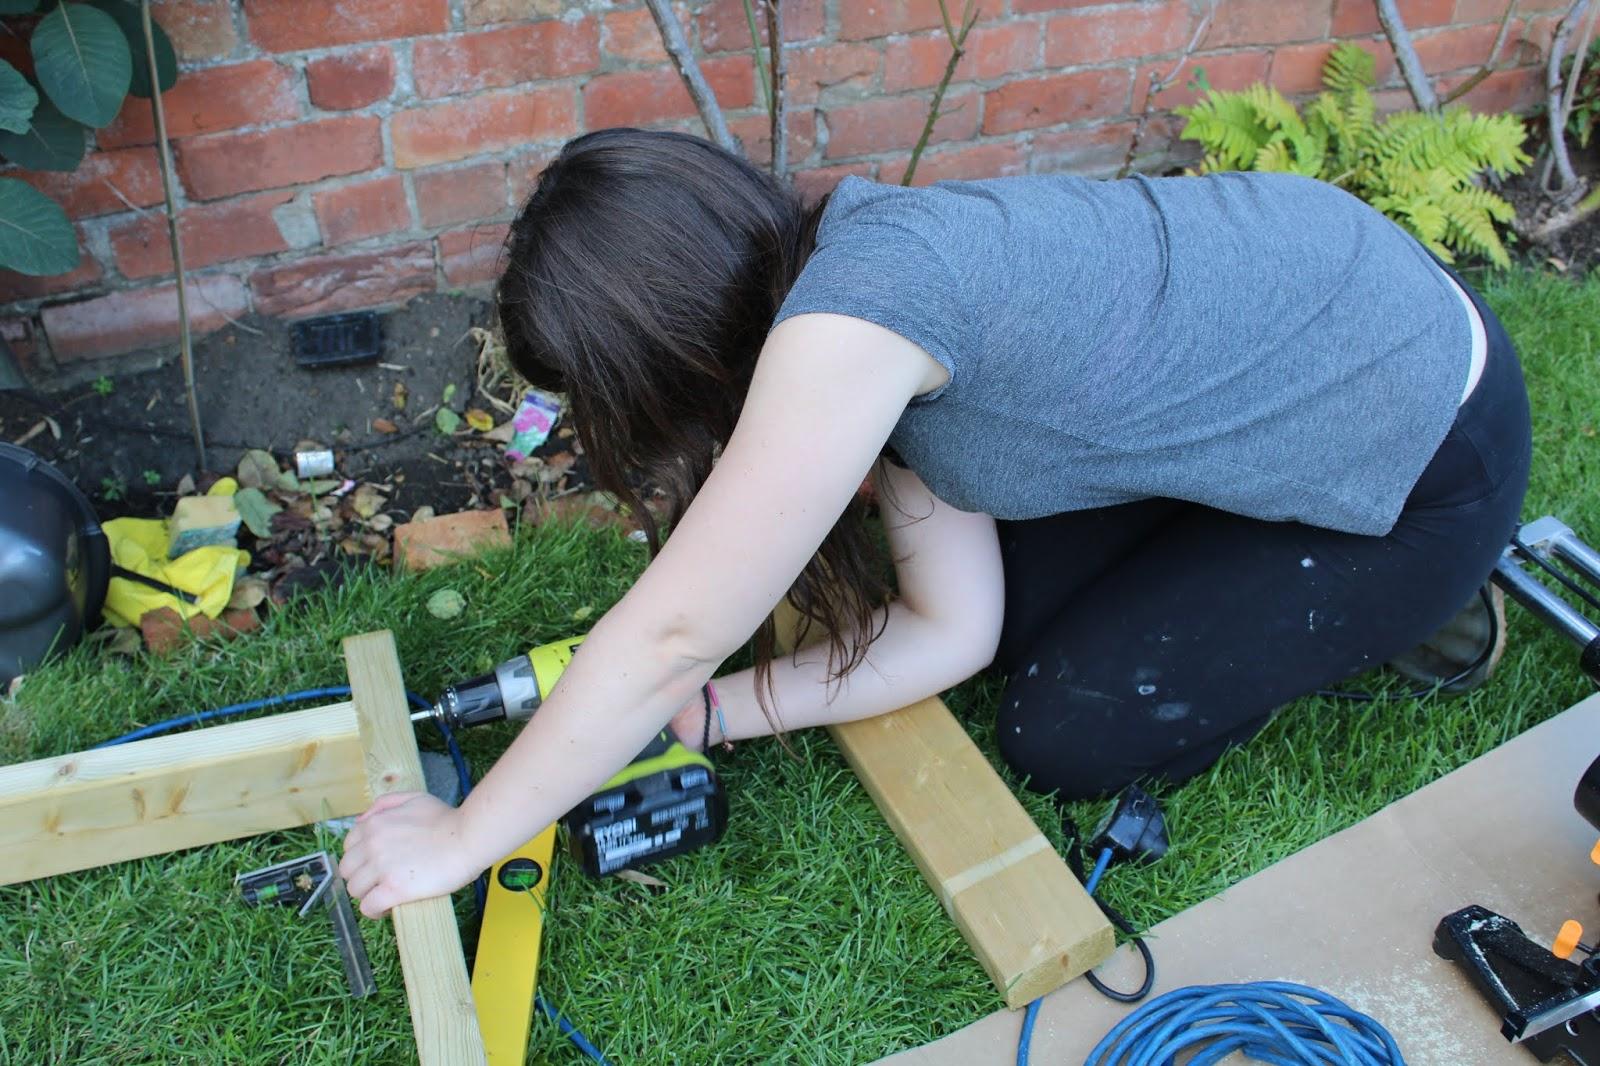 Girl Using Ryobi Drill